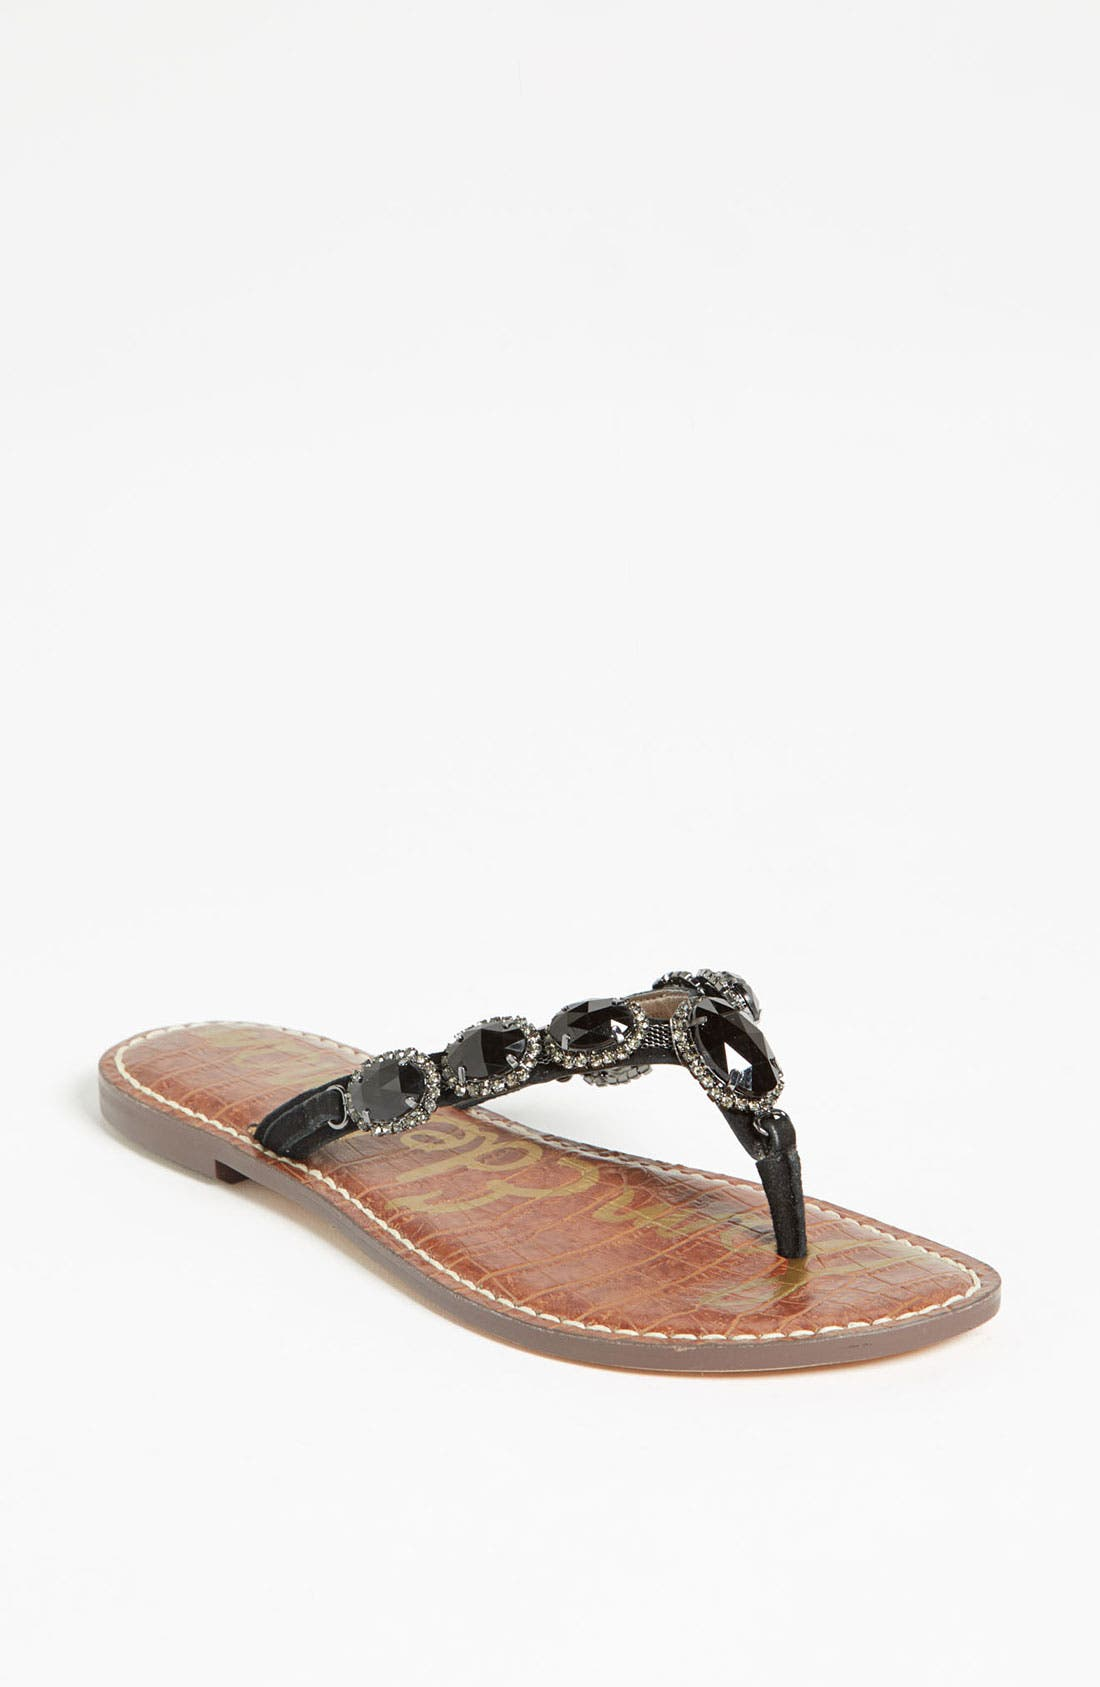 Alternate Image 1 Selected - Sam Edelman 'Gracelyn' Sandal